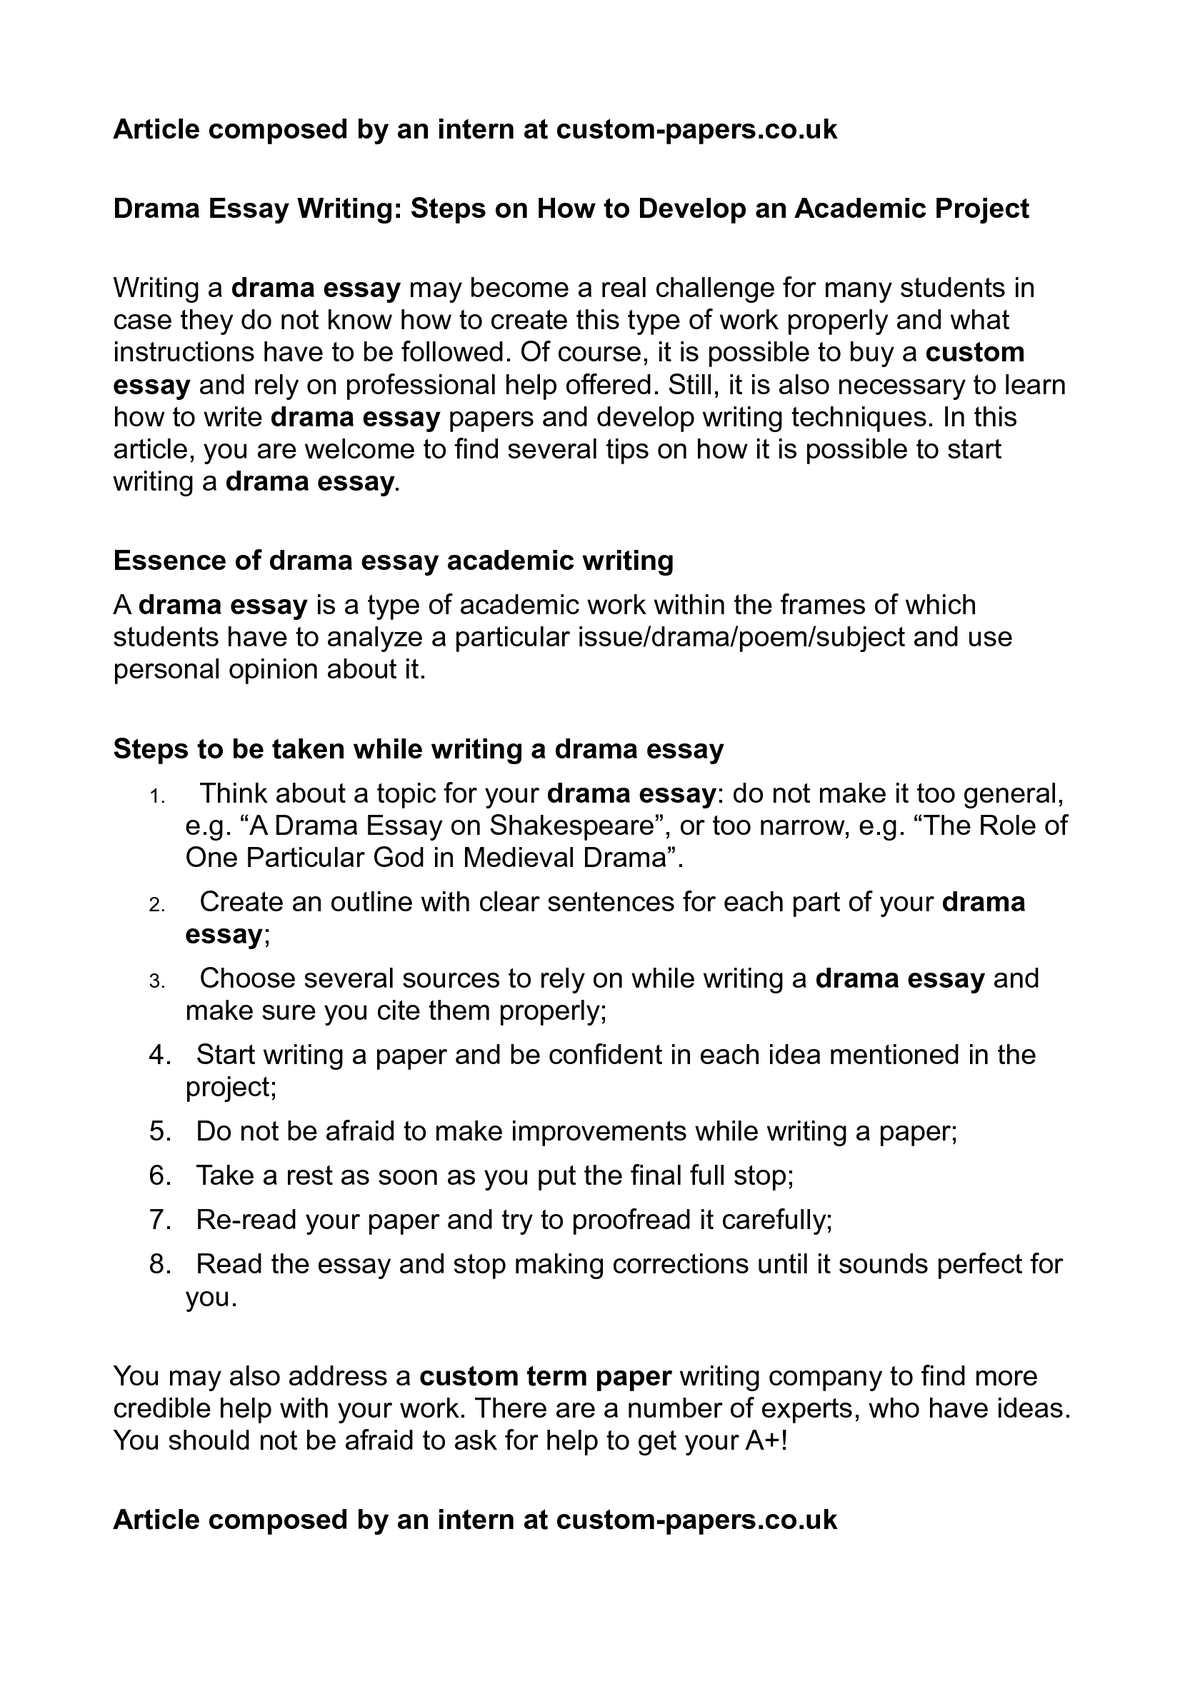 writing a drama essay